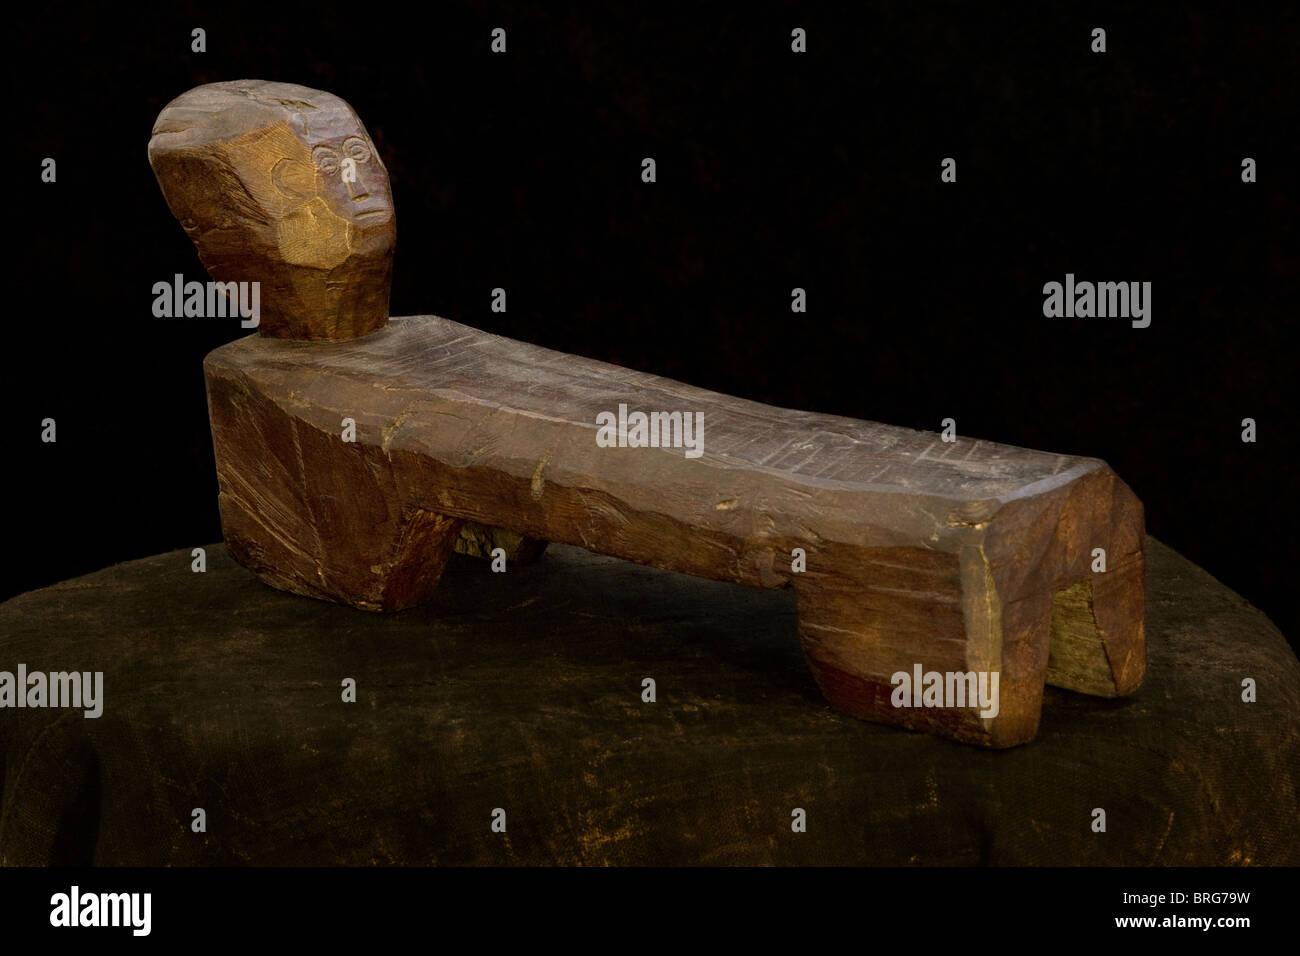 Tribales de Indonesia taburete de madera tallada en forma humana inactivo Imagen De Stock